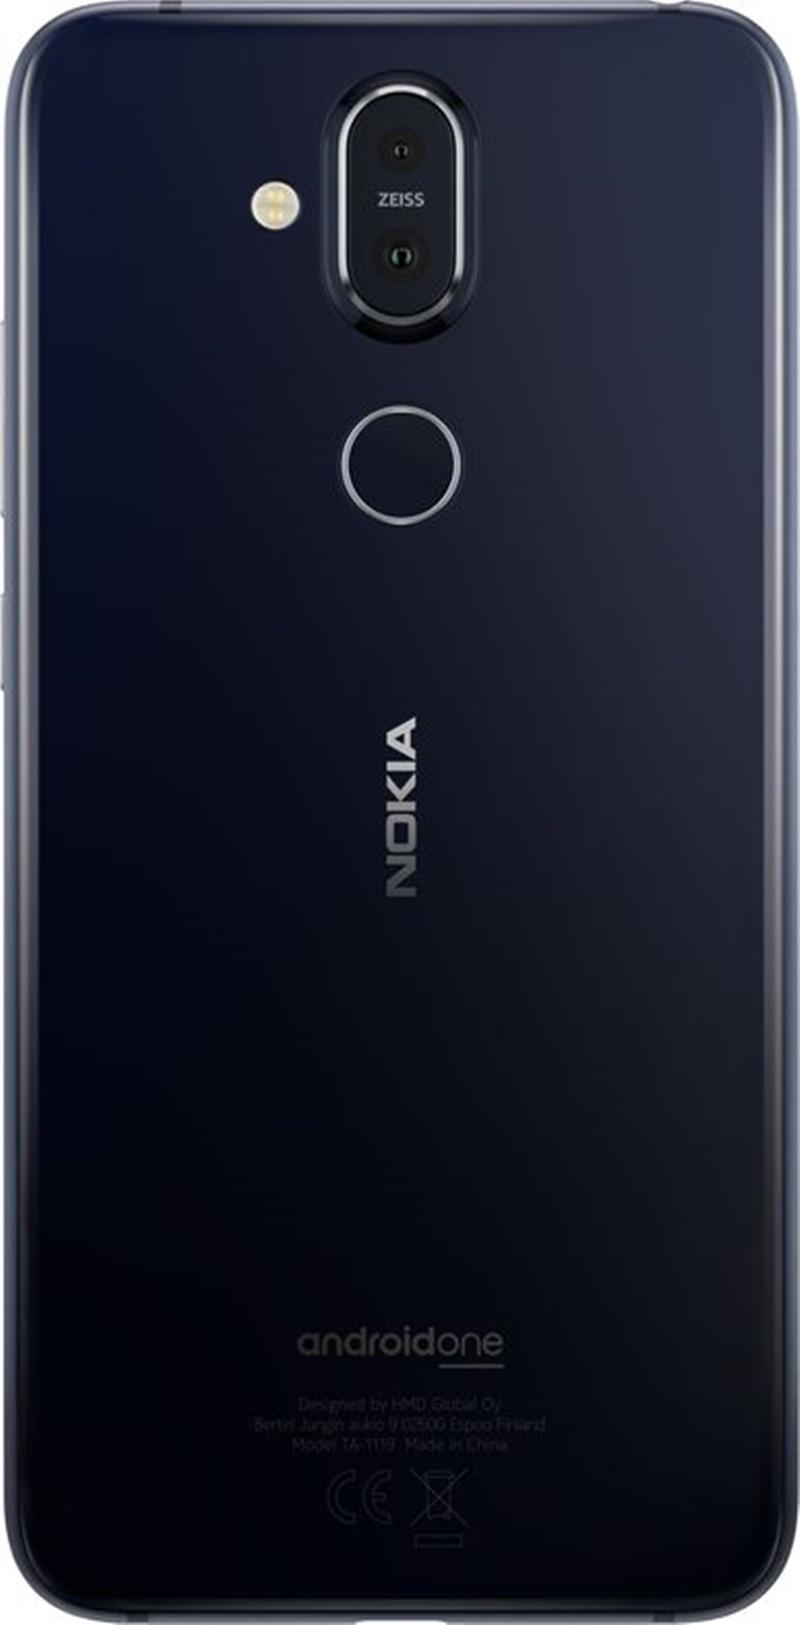 Nokia 8.1 được chú trọng nâng cao chức năng chụp hình với camera kép 12MP + 13MP cùng ống kính ZEISS đặc trưng.